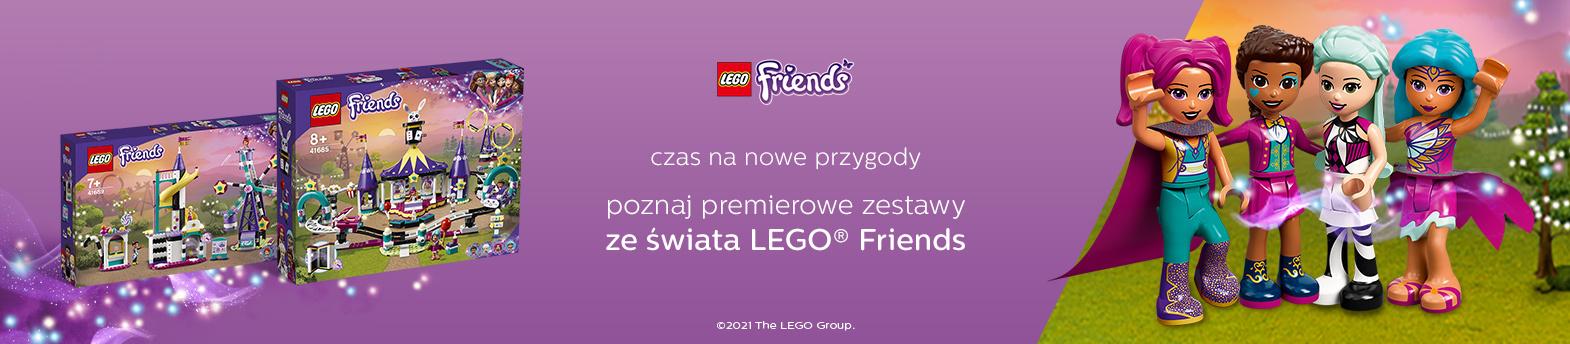 kreatywna zabawa z LEGO® Friends